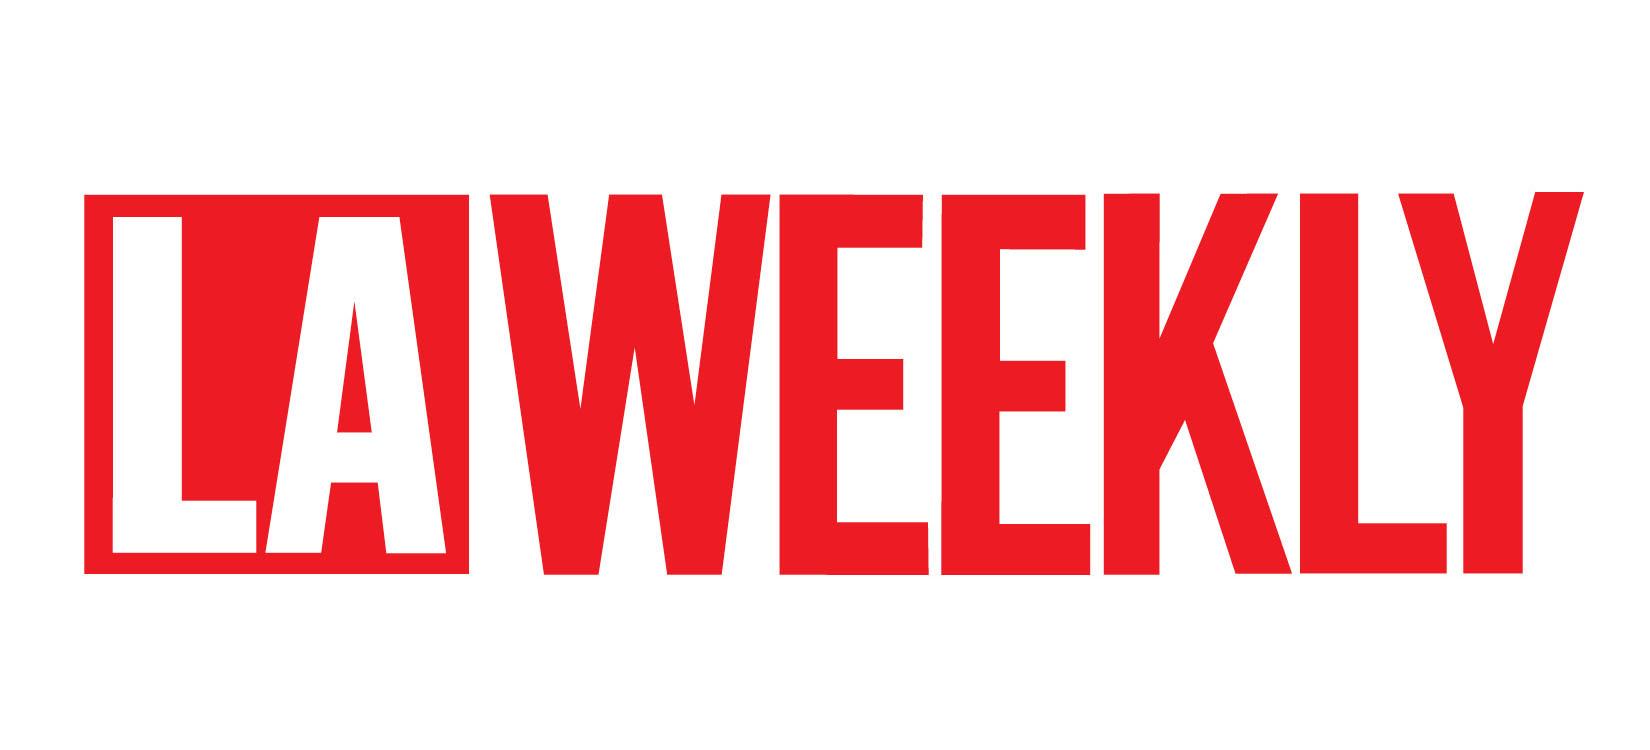 LA-Weekly-cropped.jpg